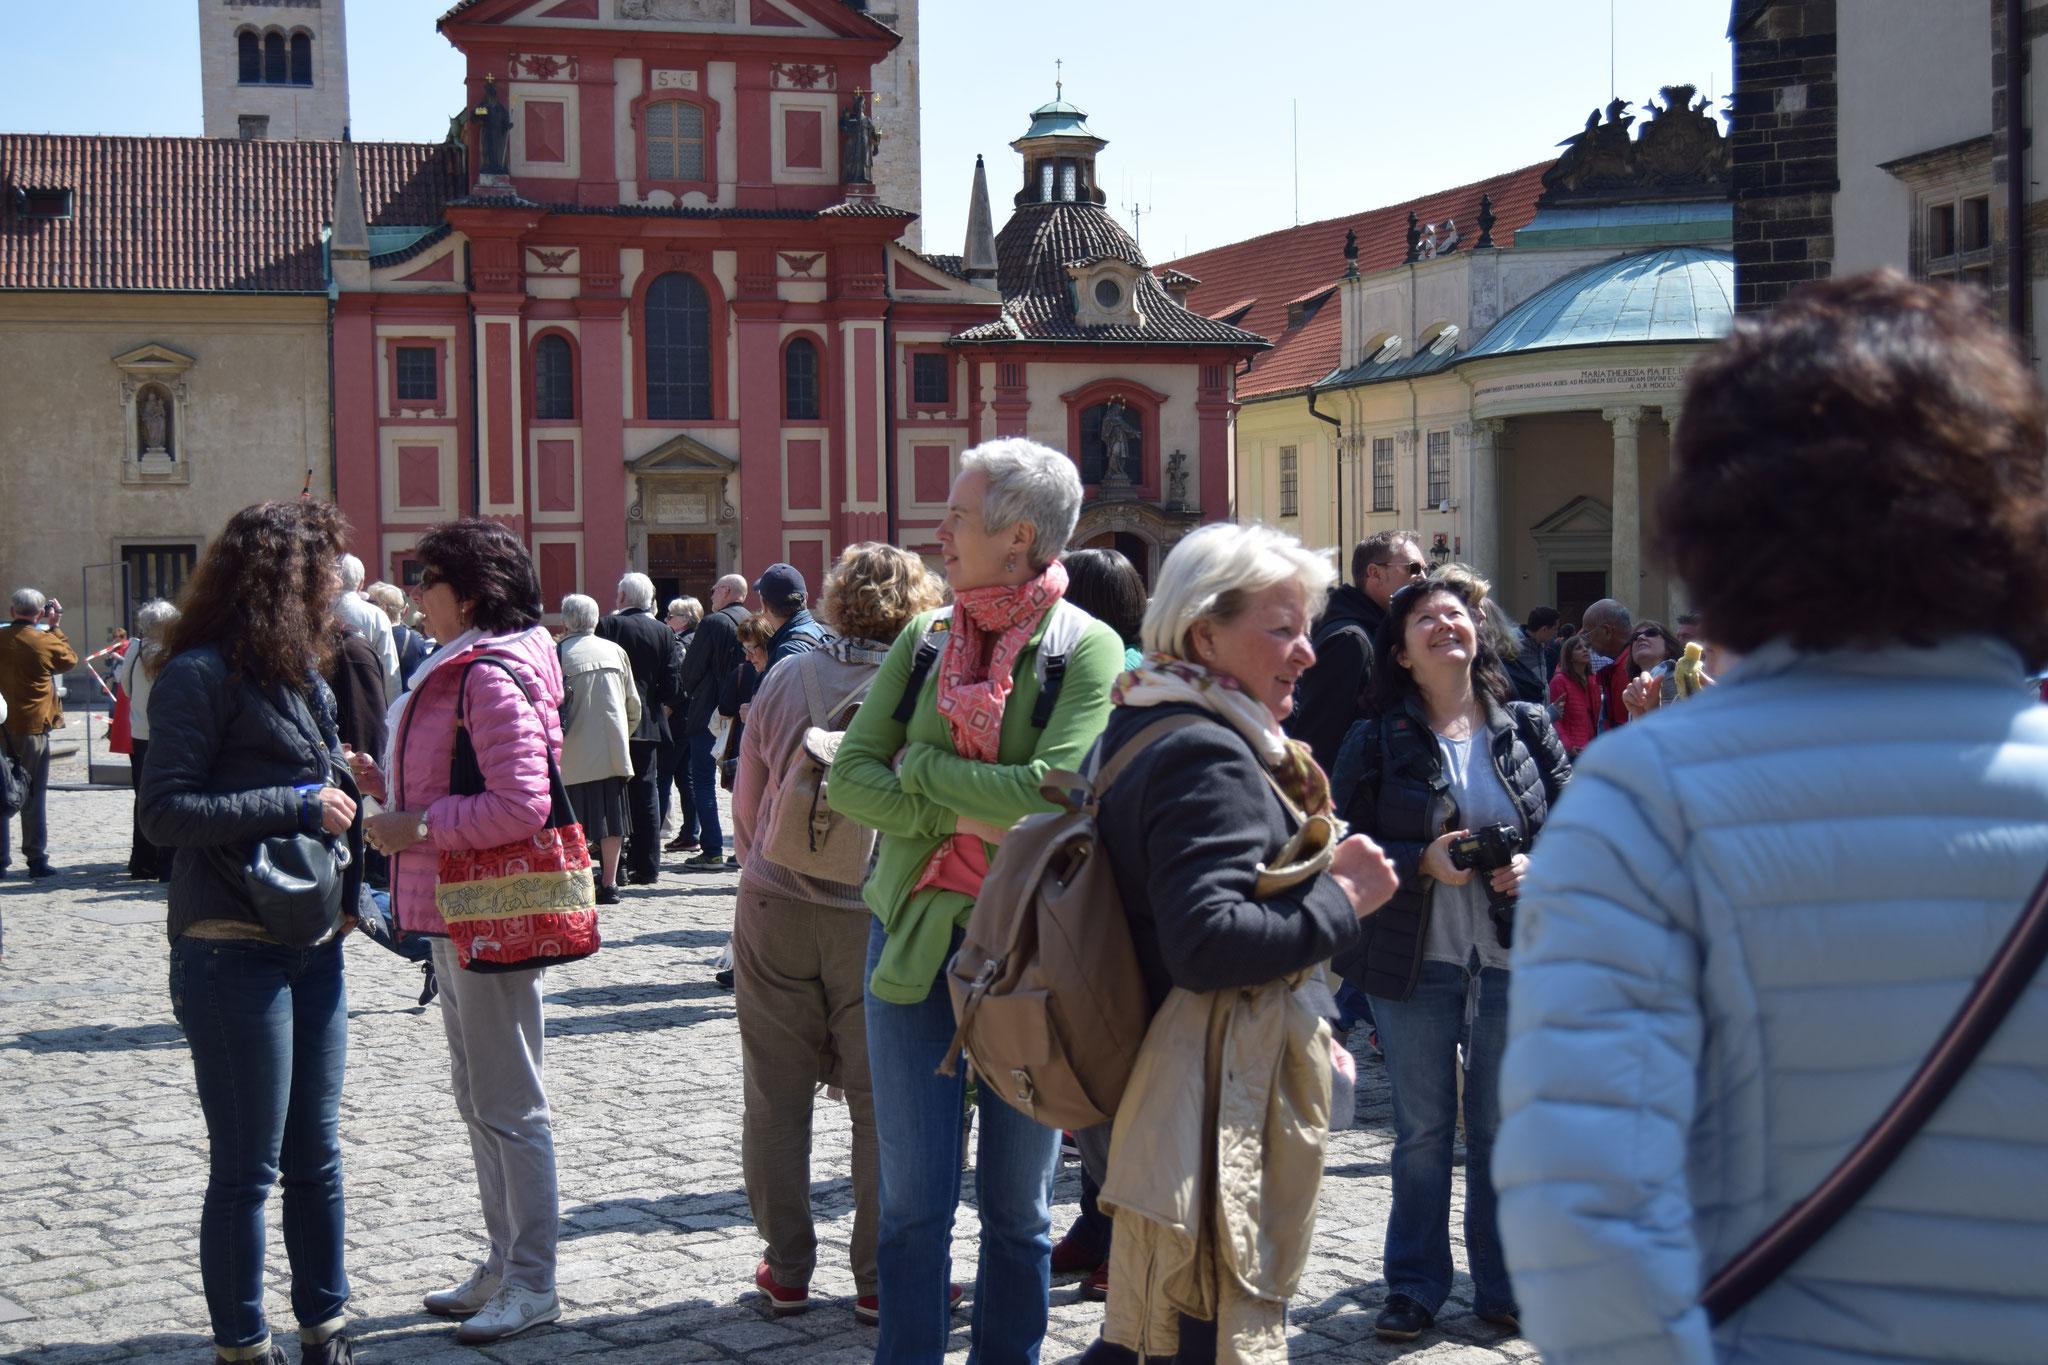 Liberec: Rathausplatz